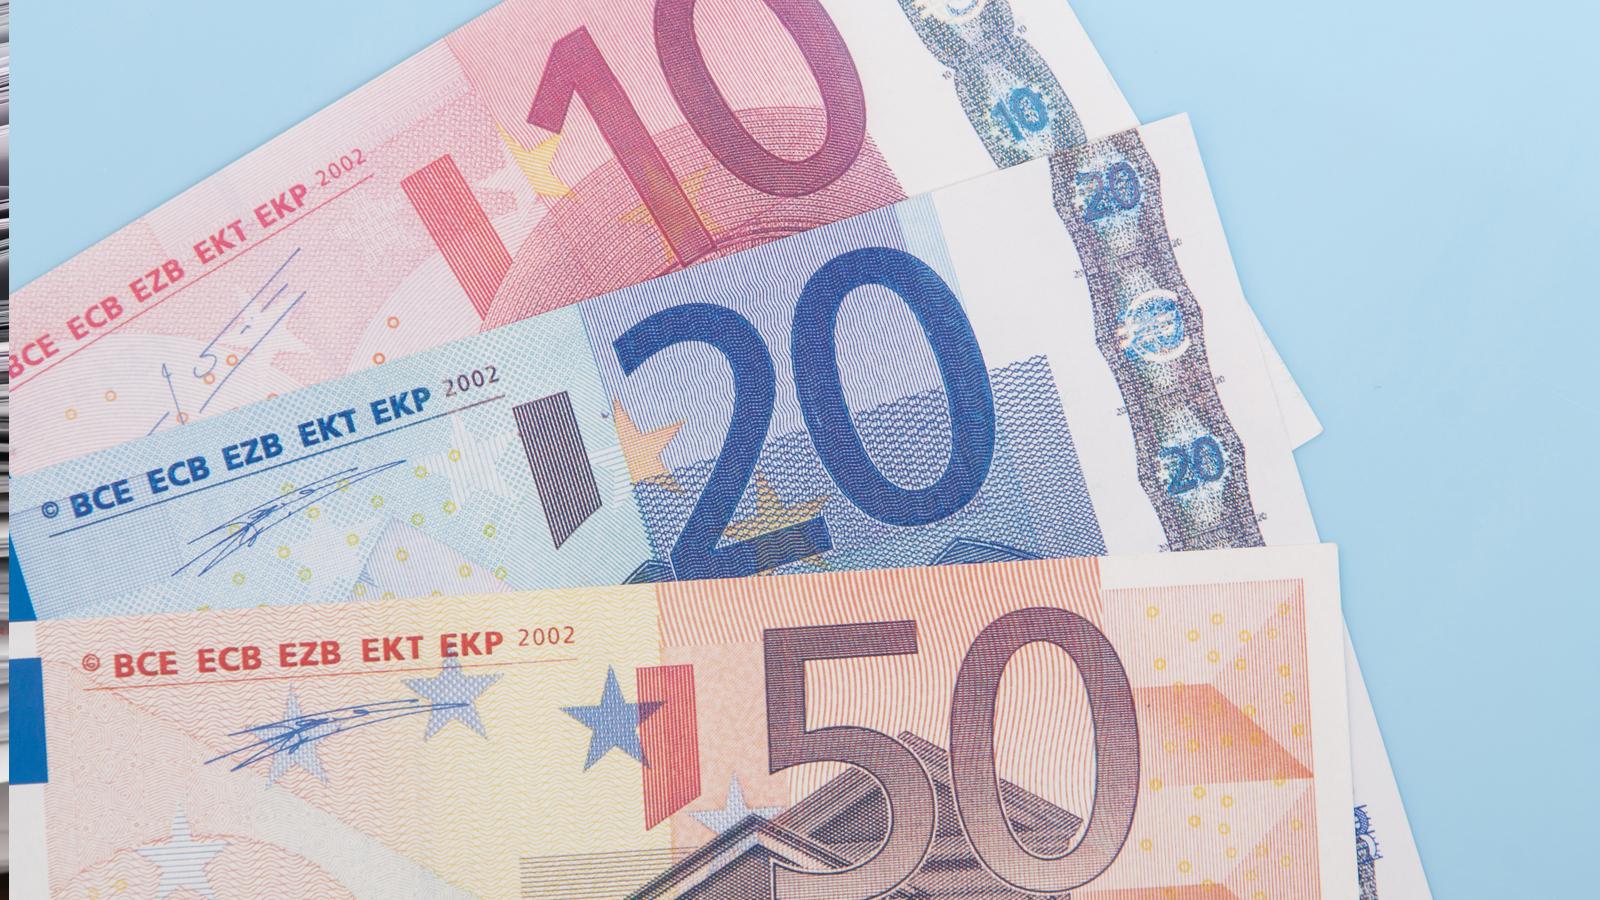 gamma esclusiva anteprima di stili classici Bonus 80 euro: tutto quello che c'è da sapere | Altroconsumo